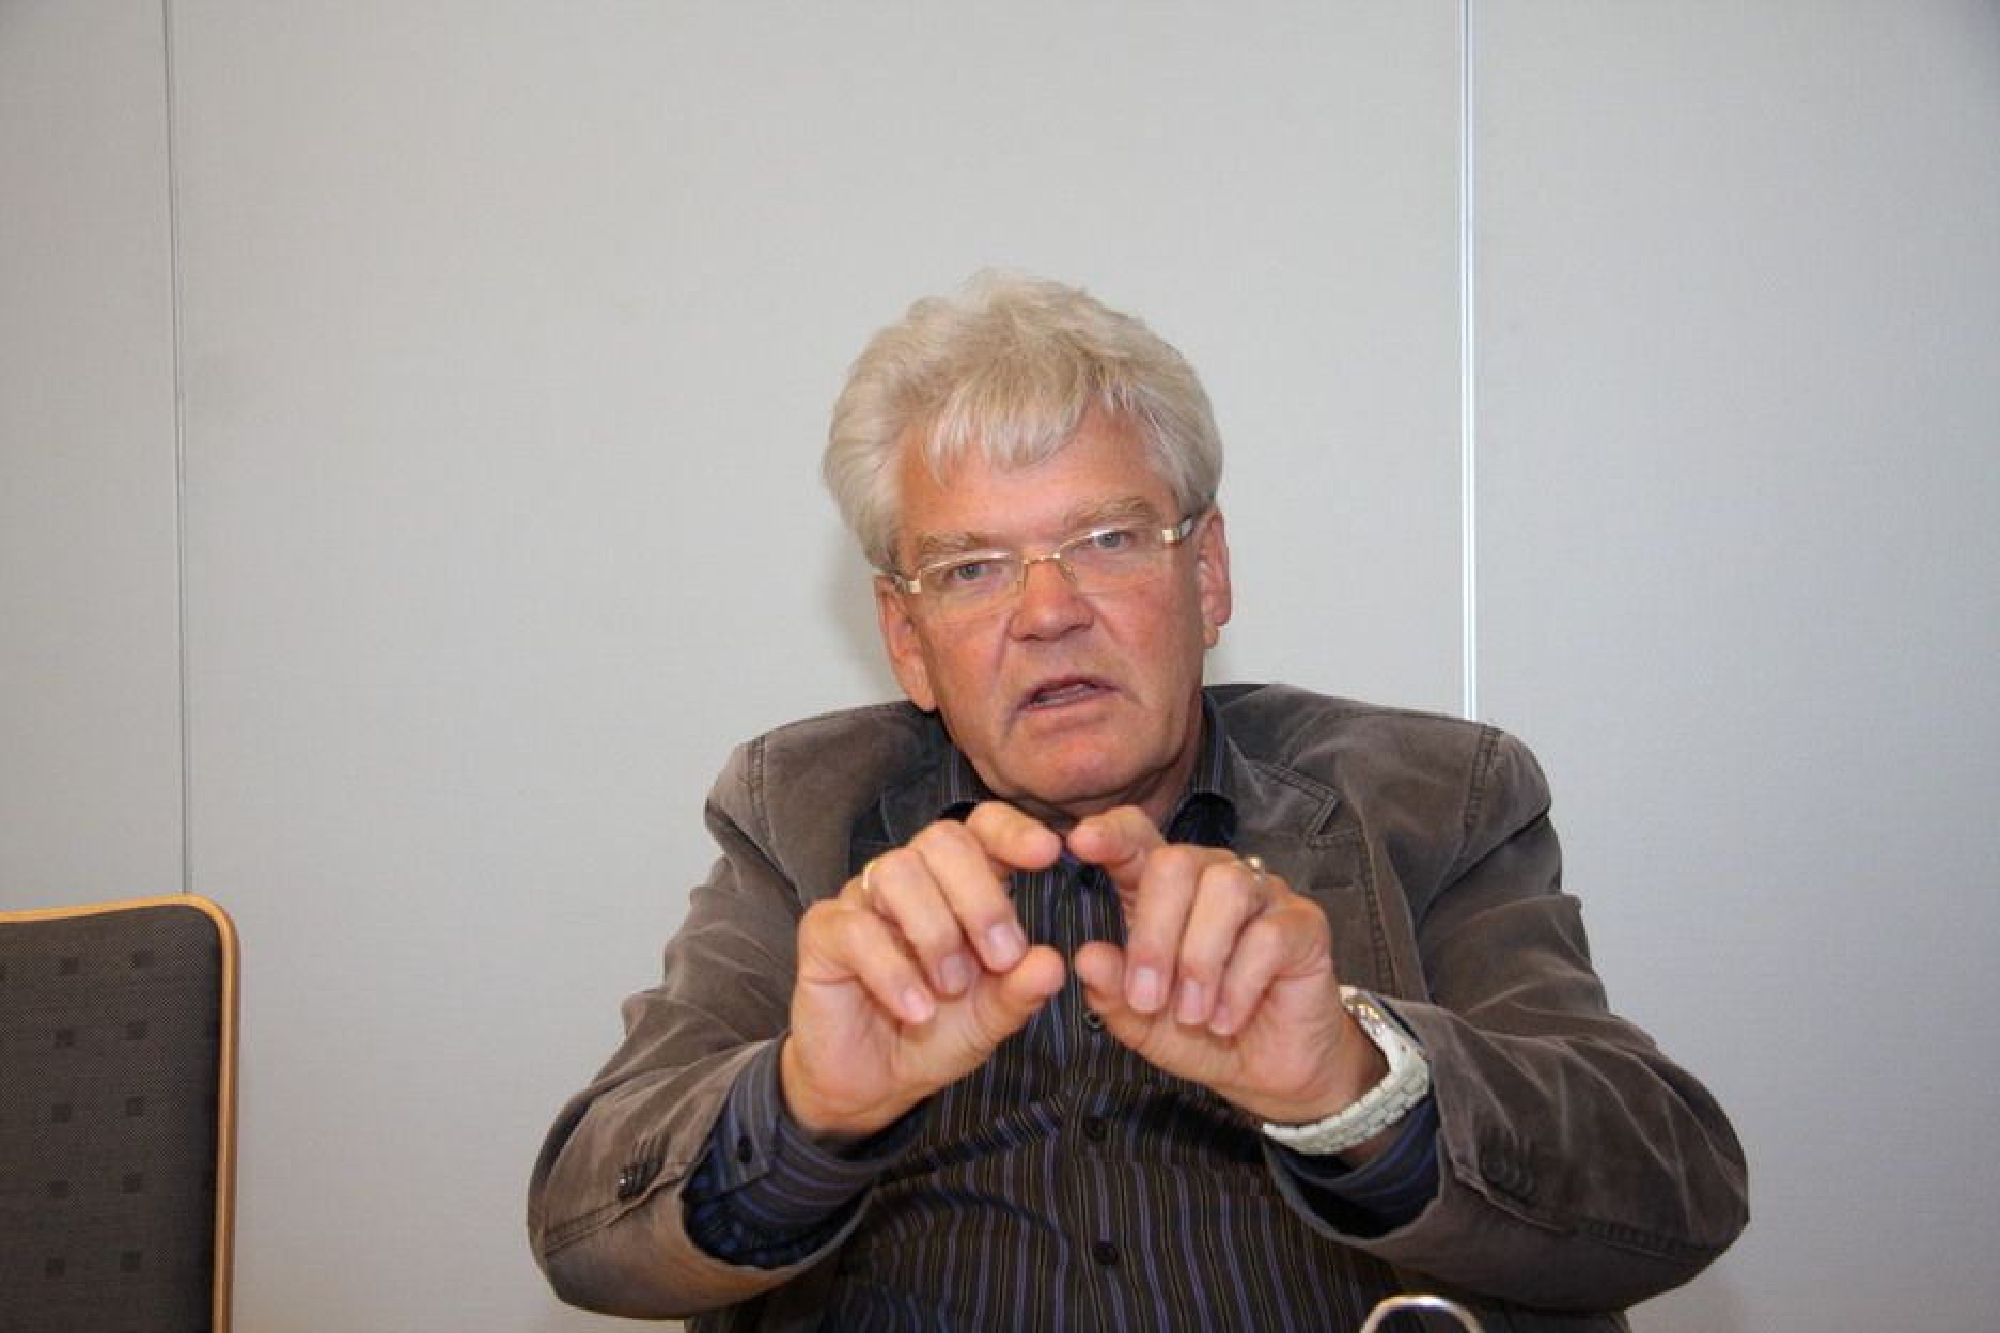 MINDRE OG MINDRE: President Carl Ludvig Kjelsen i Norsk Metallurgisk Selskap (NMS) opplever at materialfagene smelter sammen og griper inn i hverandre.